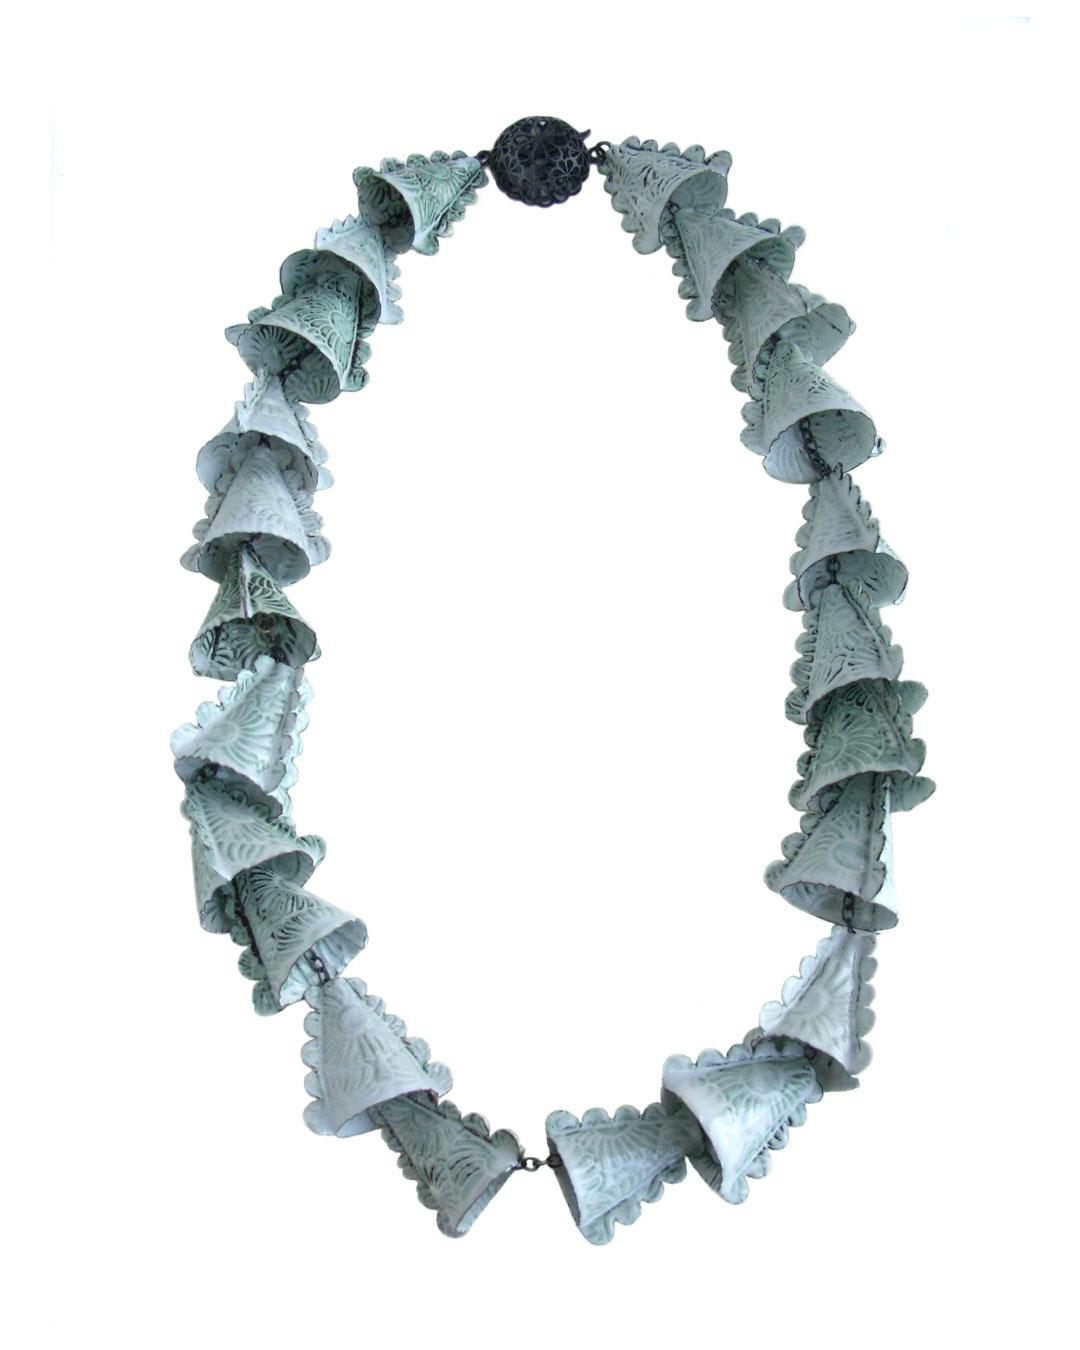 Vera Siemund, untitled, 2004, necklace; enamel, copper, silver, H 305 mm, €2340